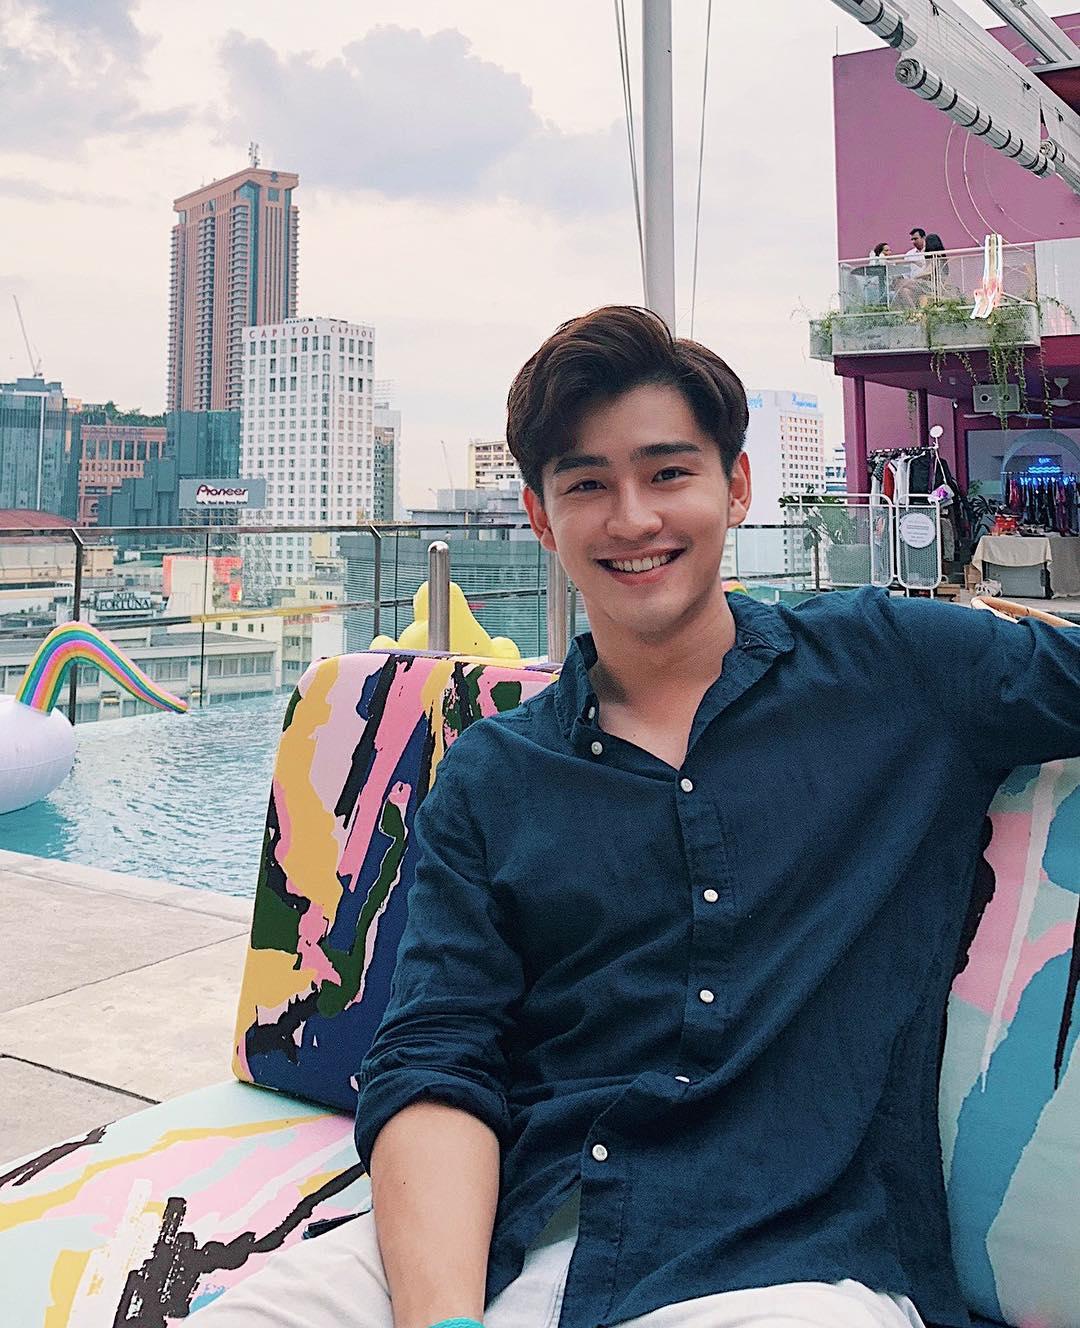 Profile cực ấn tượng của mỹ nam được ưu ái gọi là tình đầu malaysia